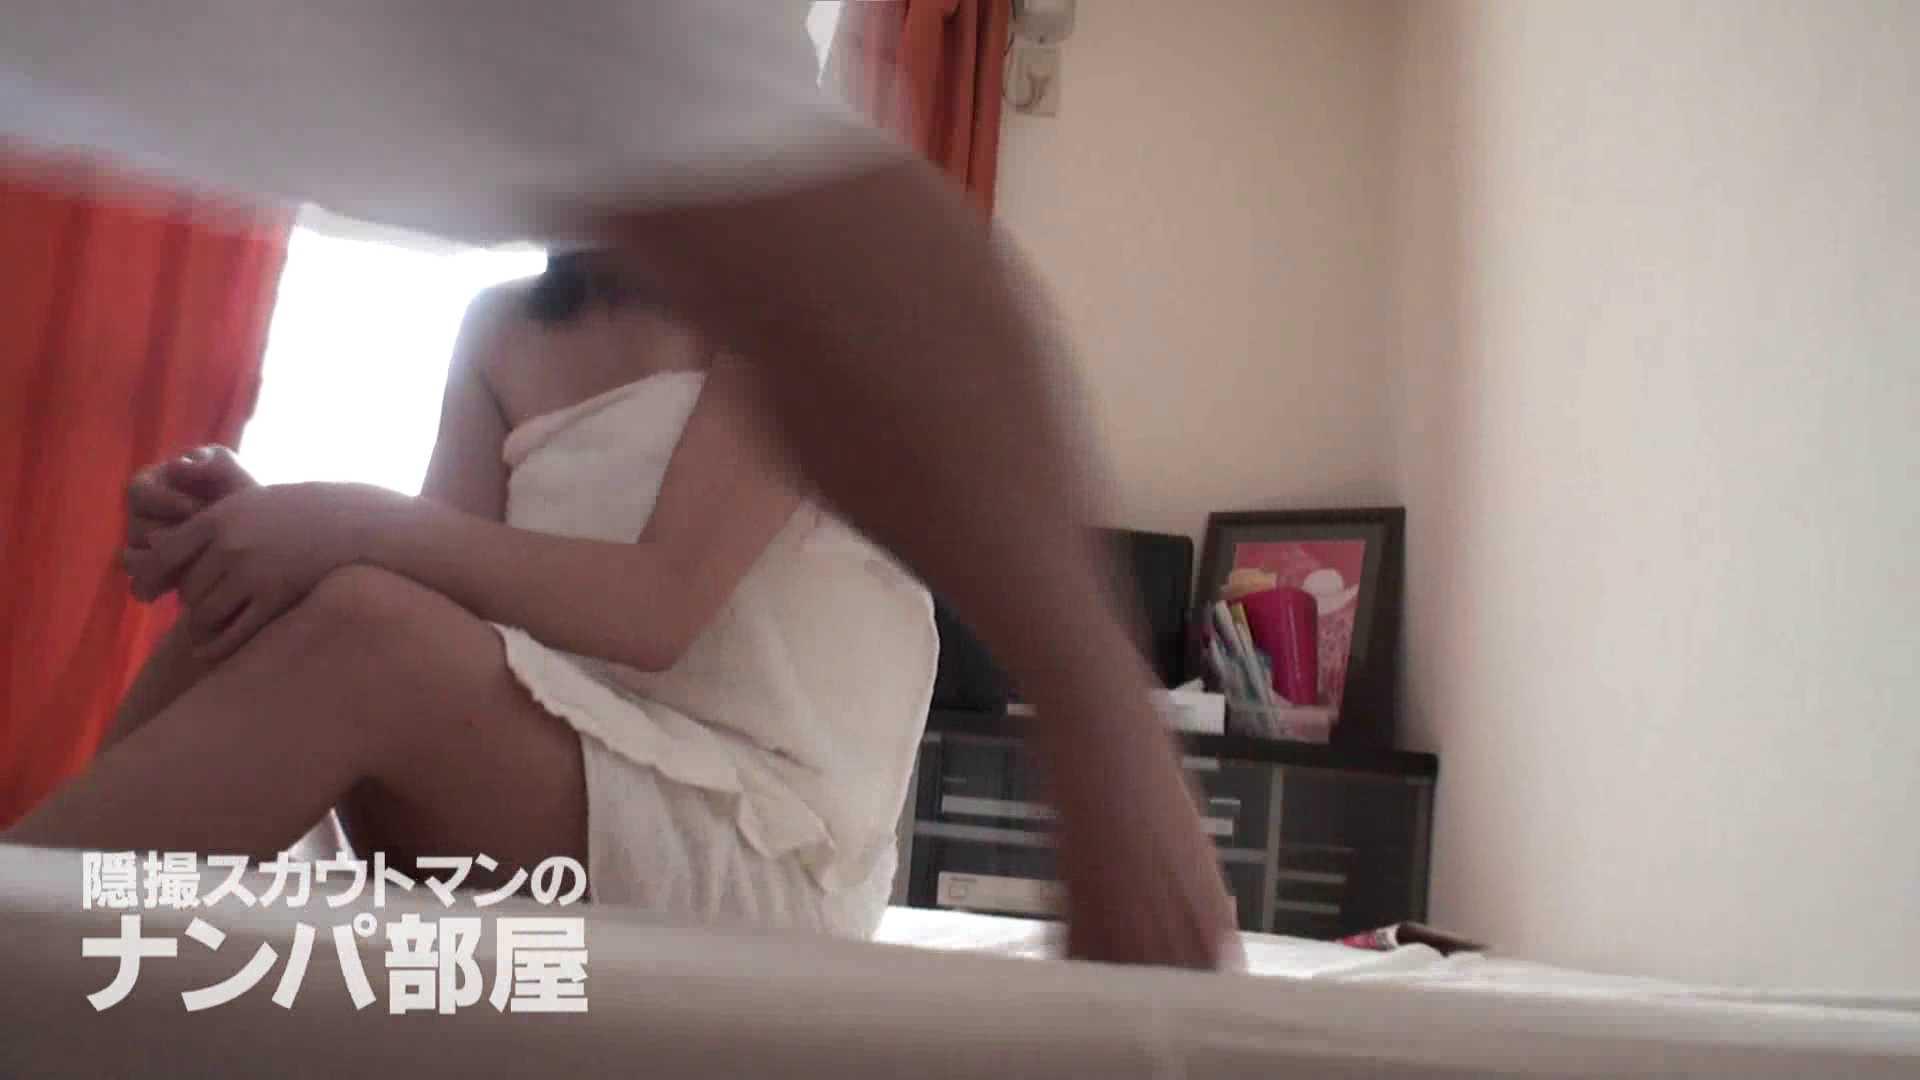 隠撮スカウトマンのナンパ部屋~風俗デビュー前のつまみ食い~ sii 隠撮  94pic 57